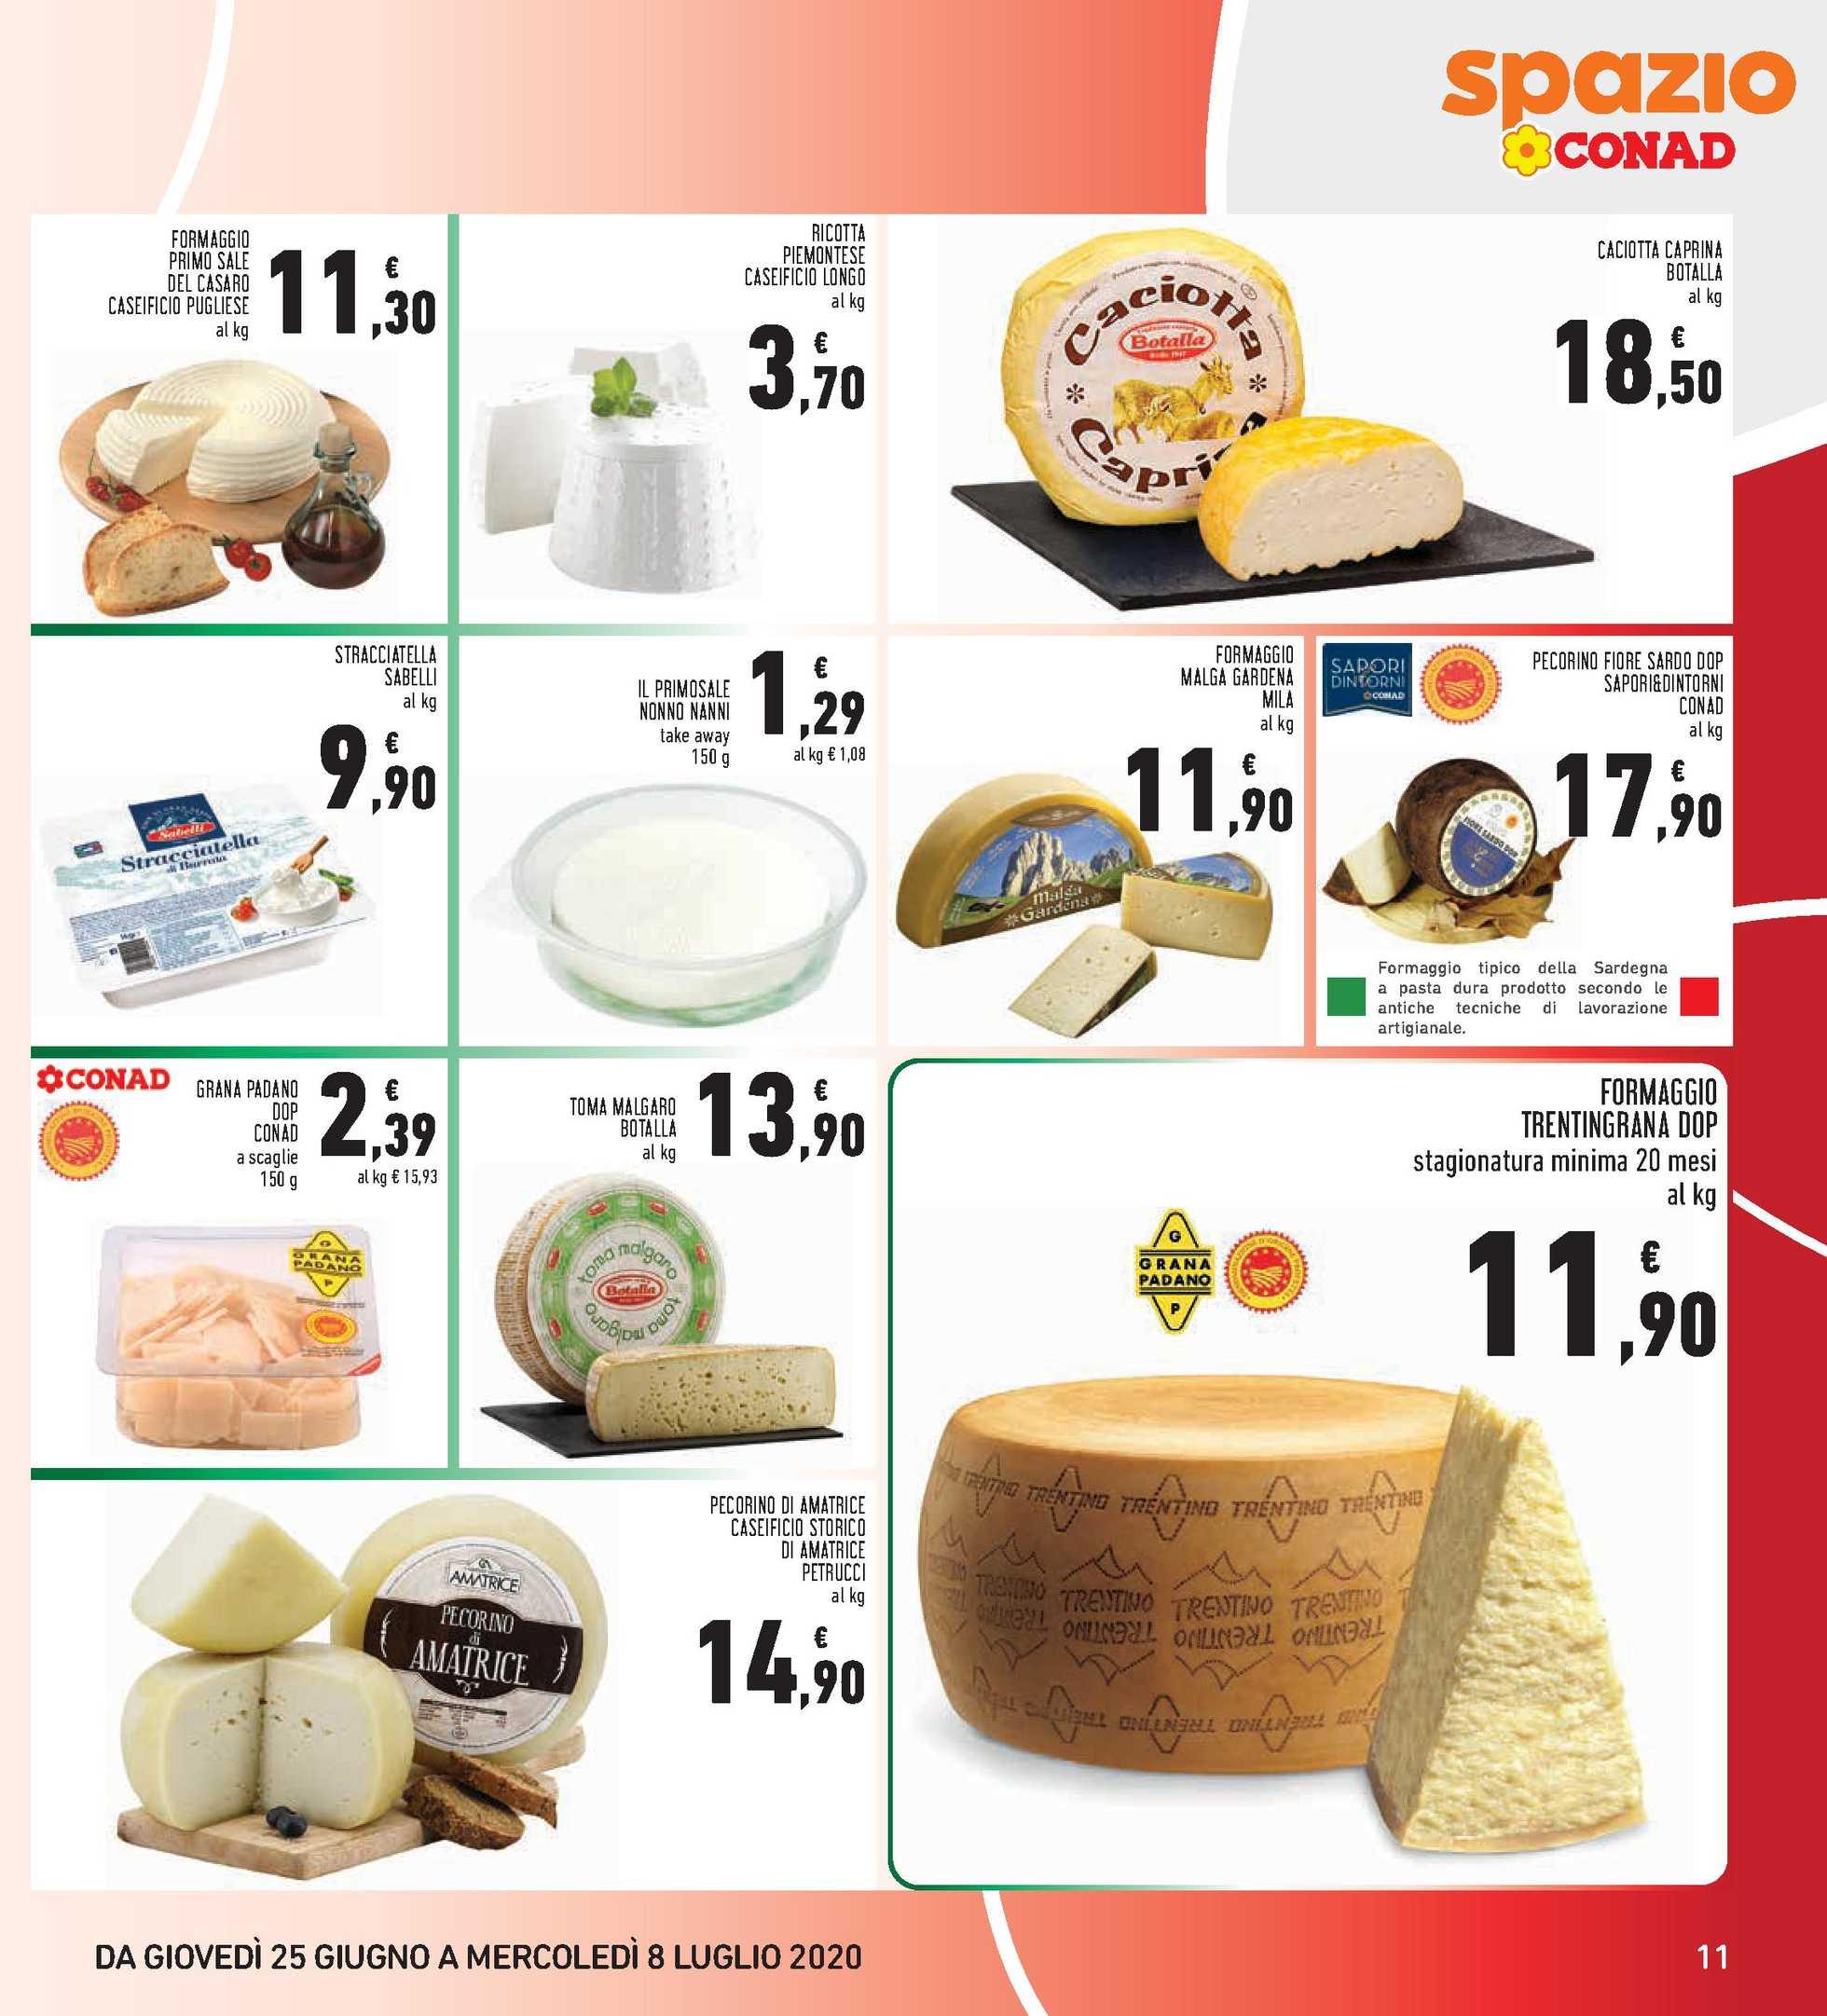 Spazio Conad - offerte valide dal 25.06.2020 al 08.07.2020 - pagina 3.